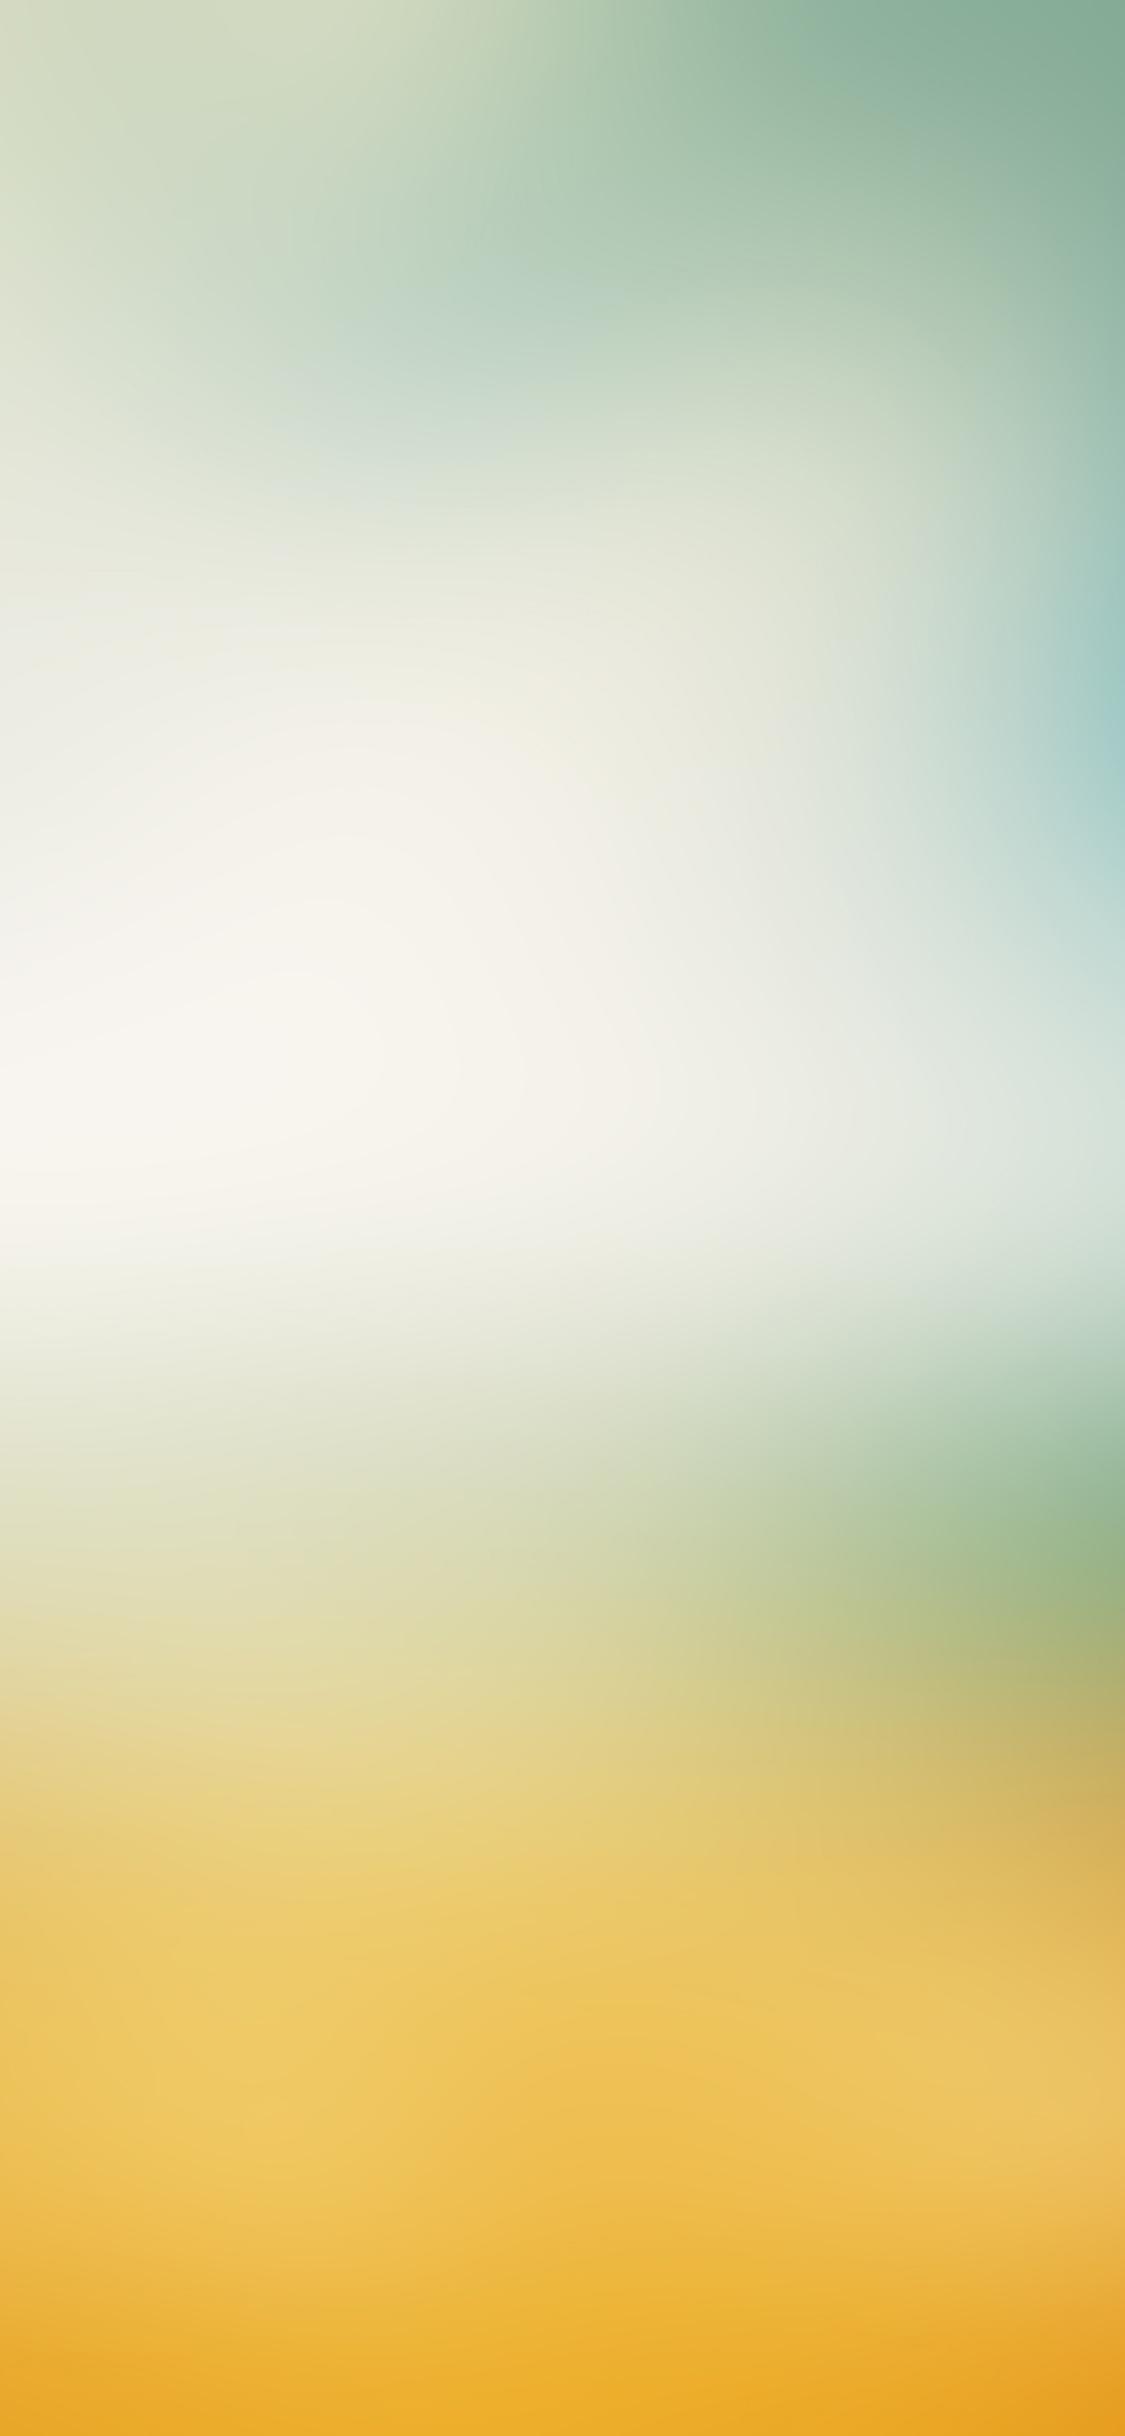 iPhoneXpapers.com-Apple-iPhone-wallpaper-sb83-ocean-memoir-blur